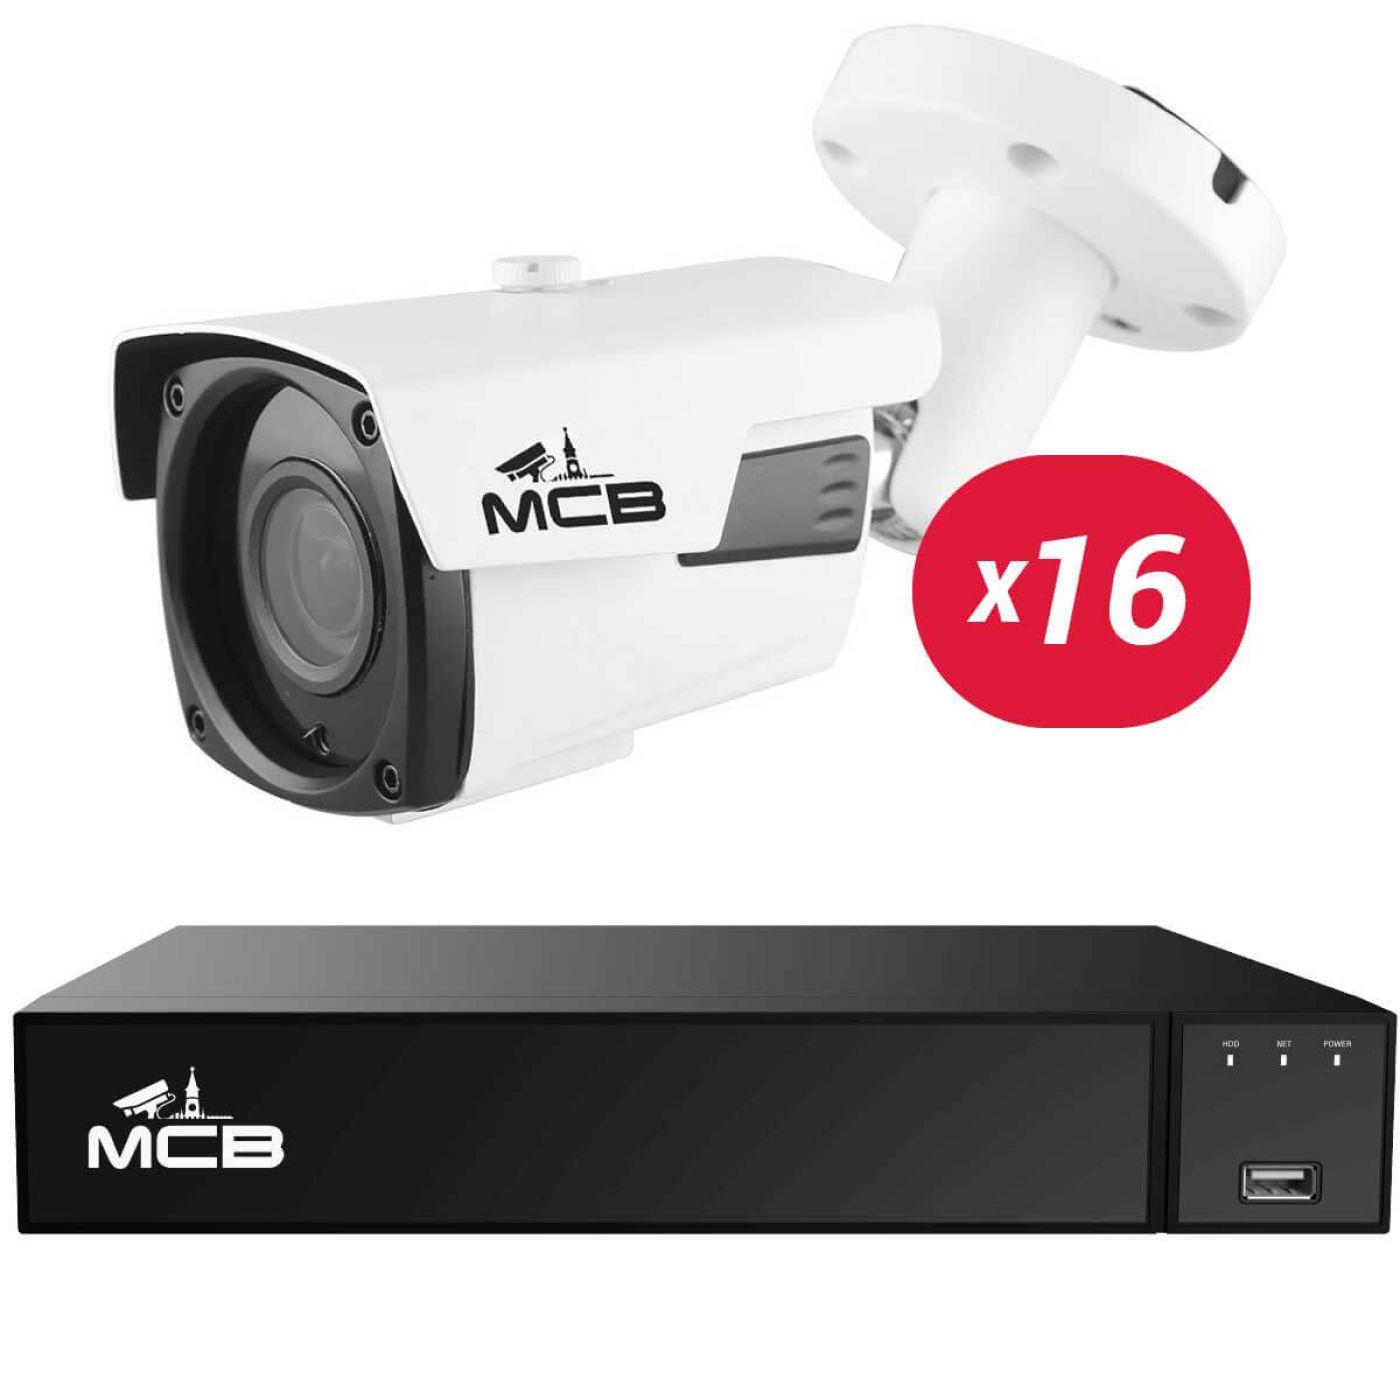 Комплект видеонаблюдения на 16 камер по 5 Мегапикселей Pro